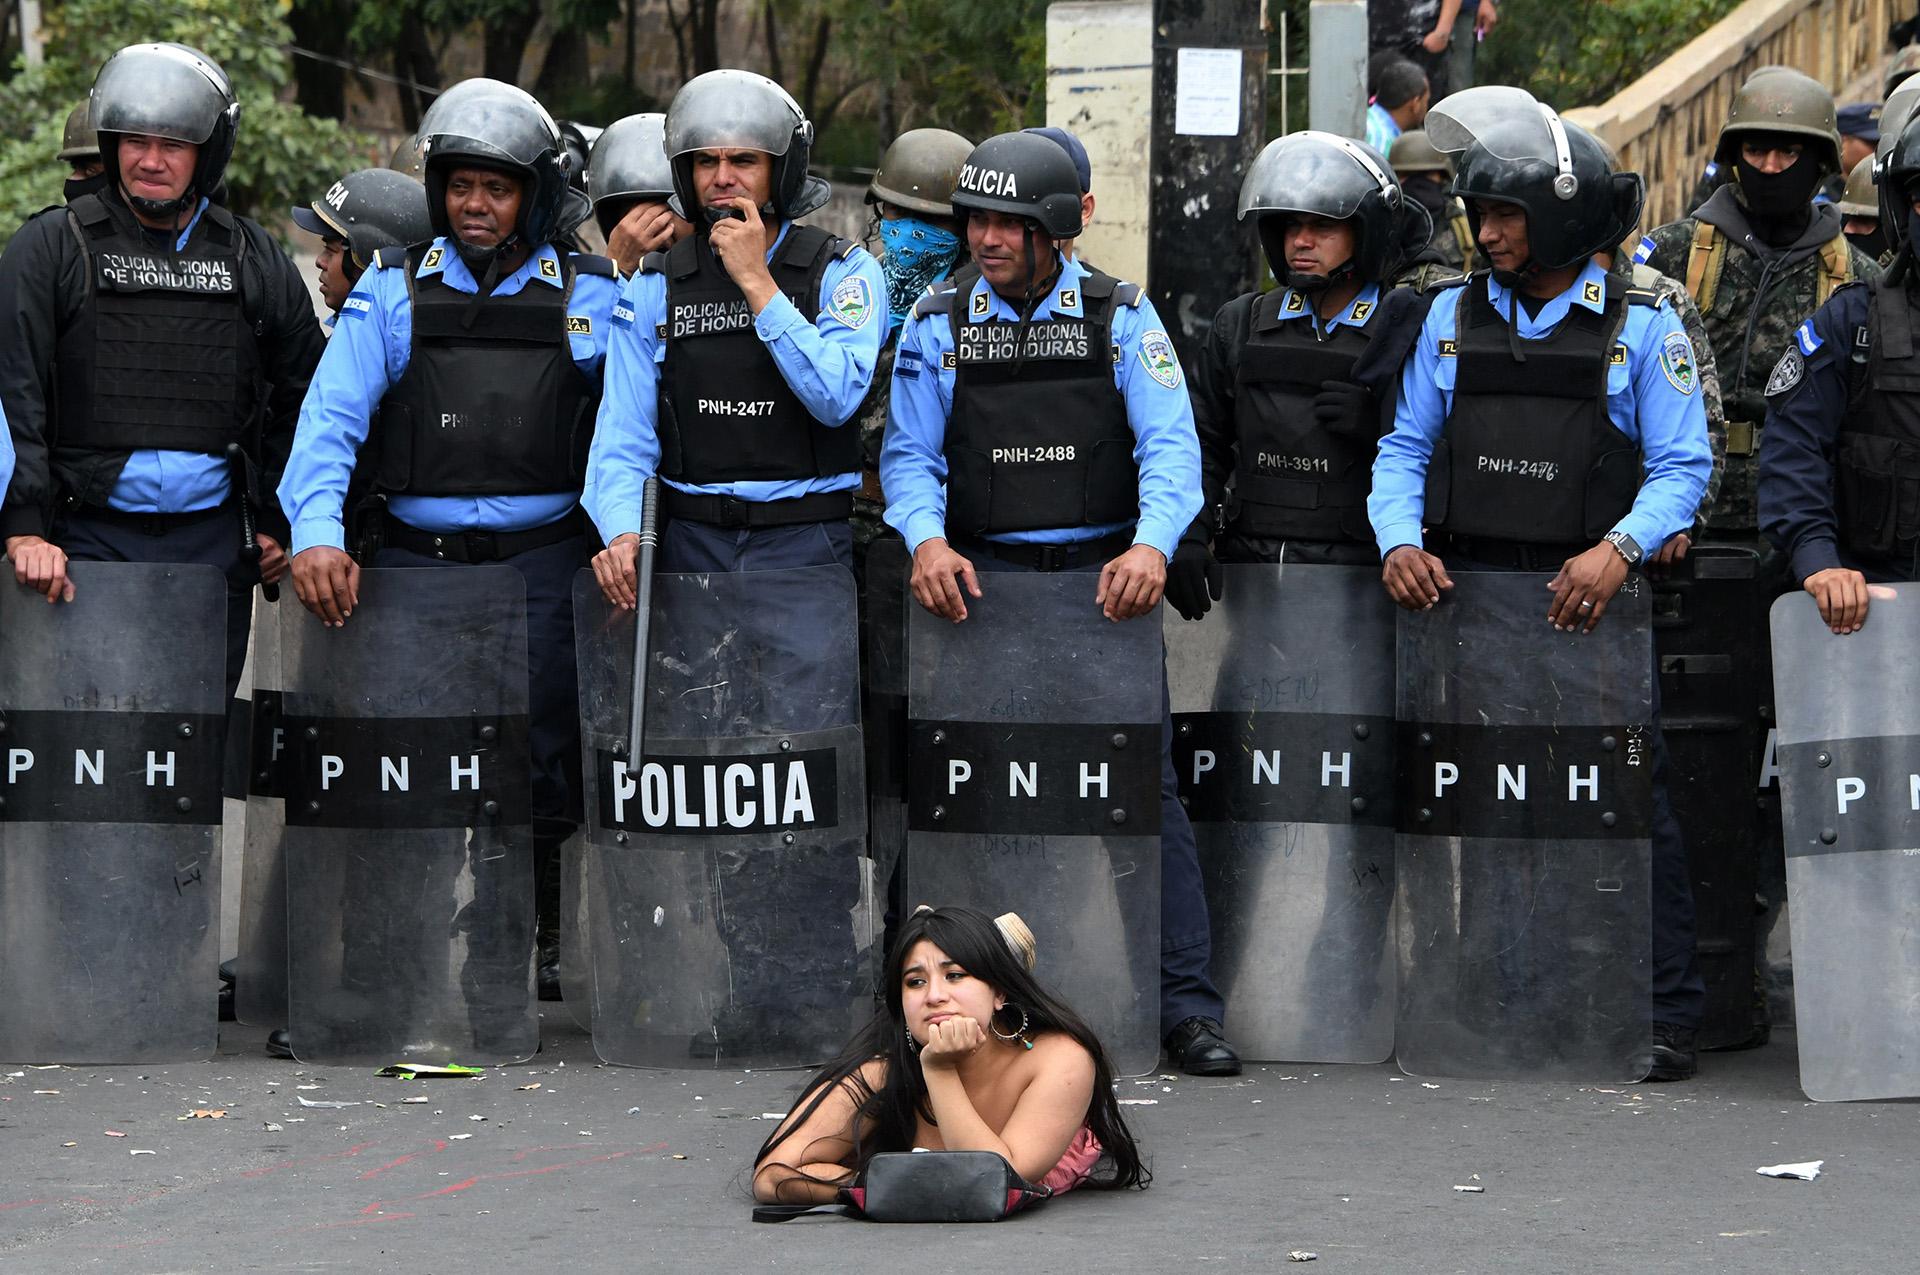 Una seguidora de Salvador Nasralla, candidato presidencial de la opositora Alianza Contra la Dictadura se acuesta en la calle, delante de oficiales de la Policía de Honduras durante una protesta contra la reelección de Juan Orlando Hernandez, el 21 de enero en Tegucigalpa (Orlando SIERRA / AFP)